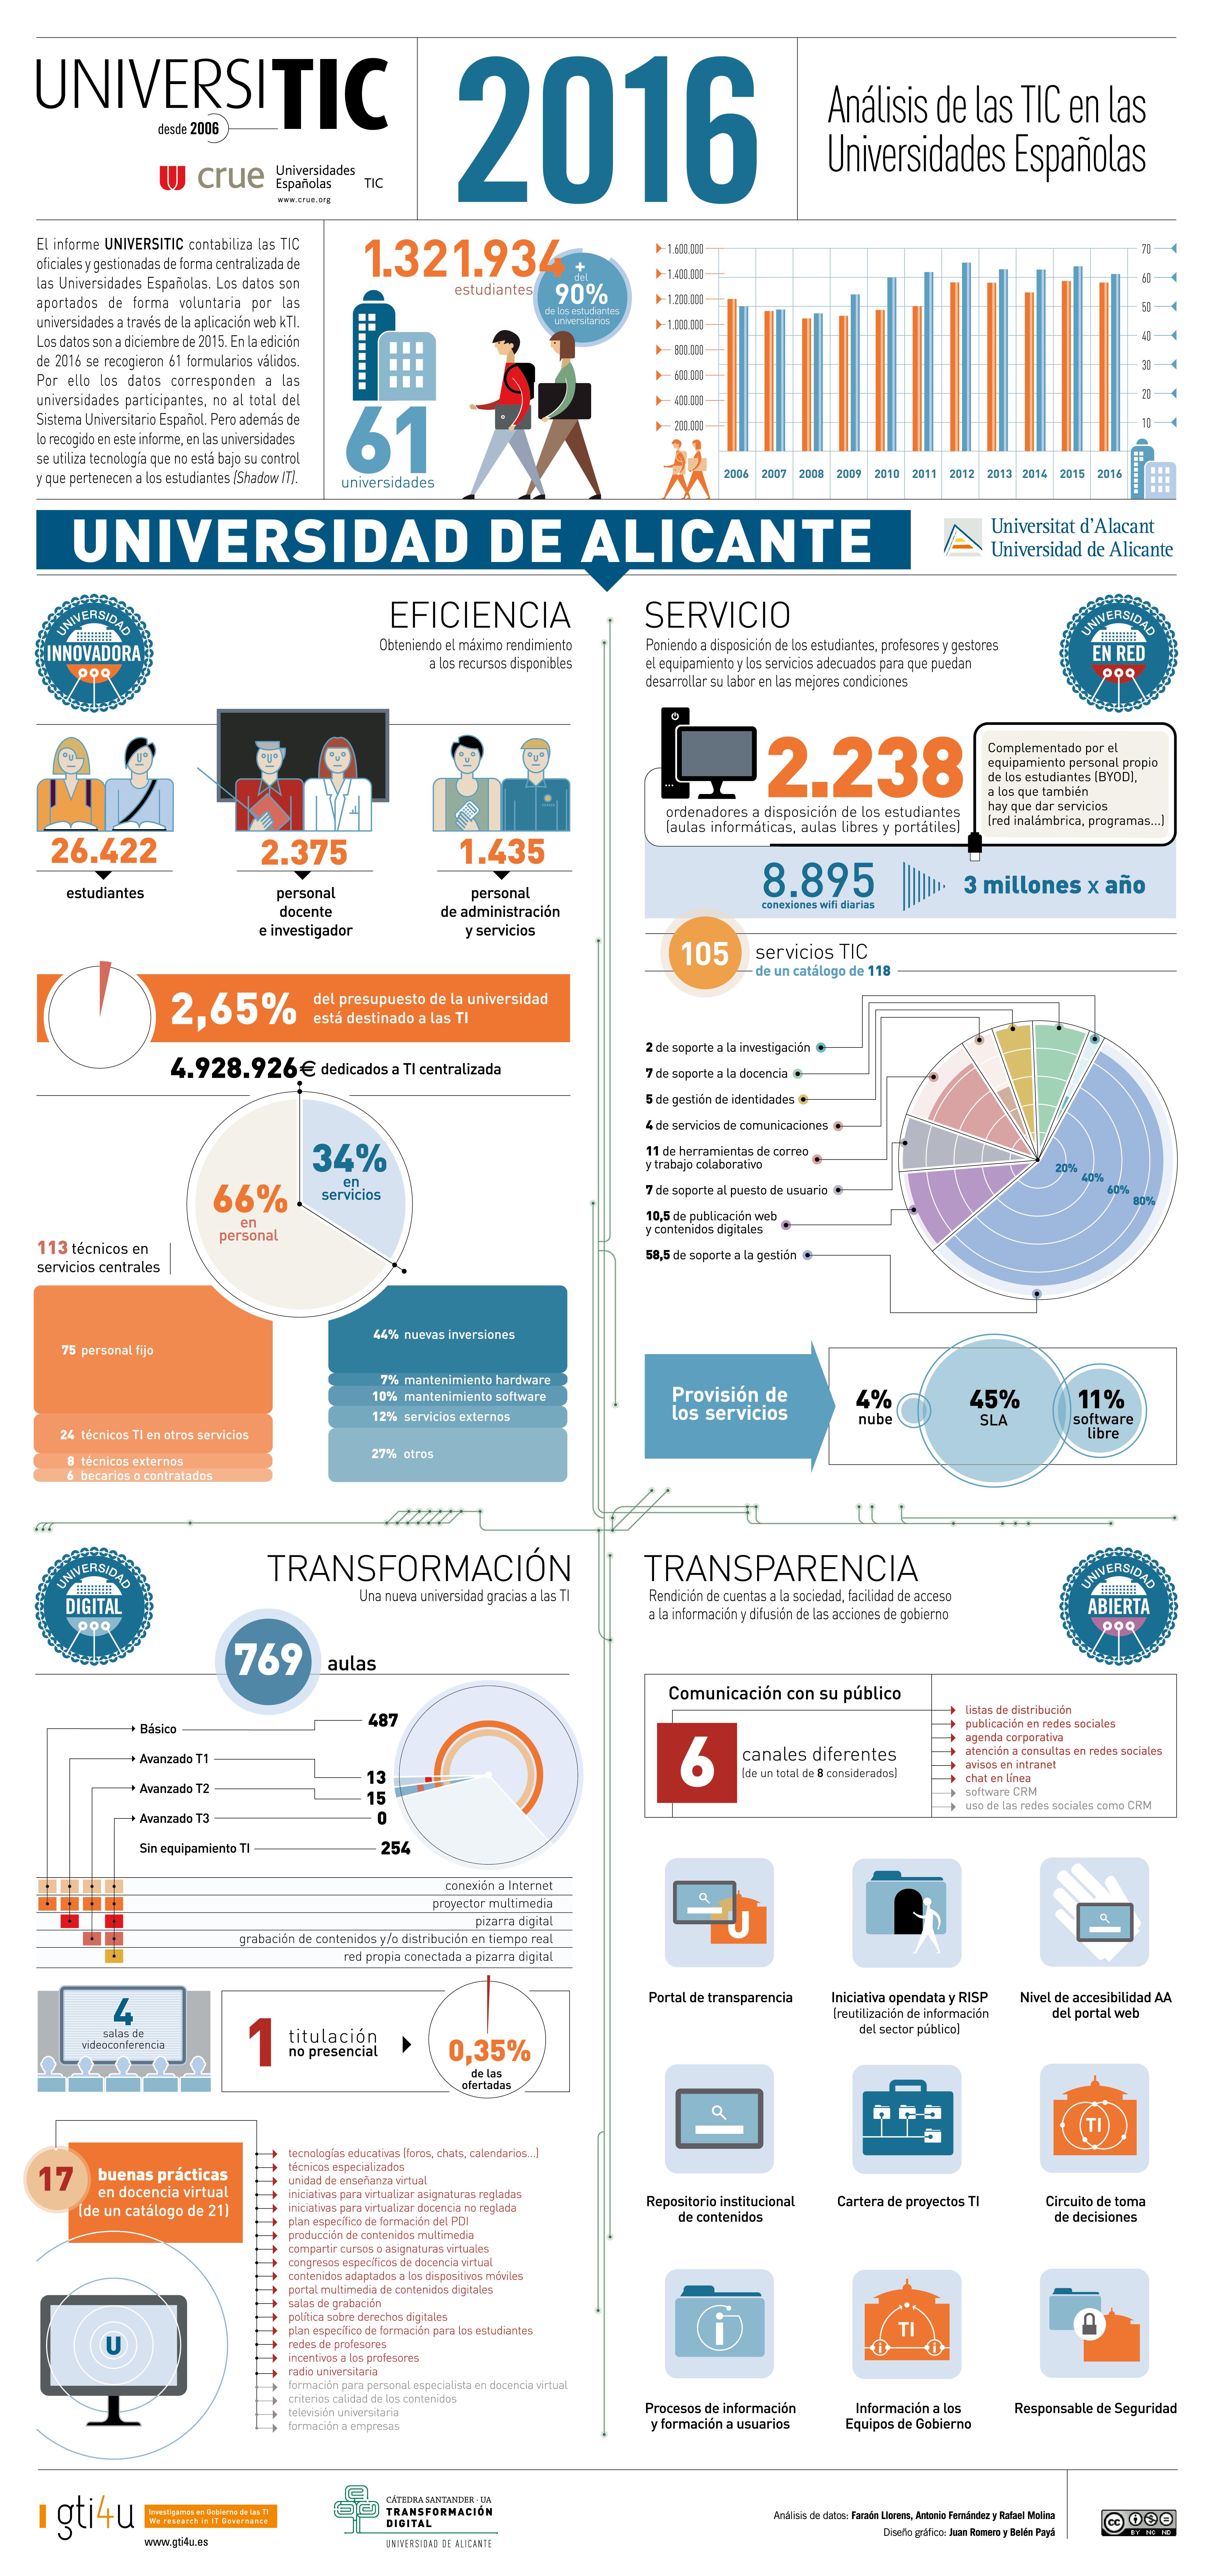 Perfil TI de la Universidad de Alicante. Infografía